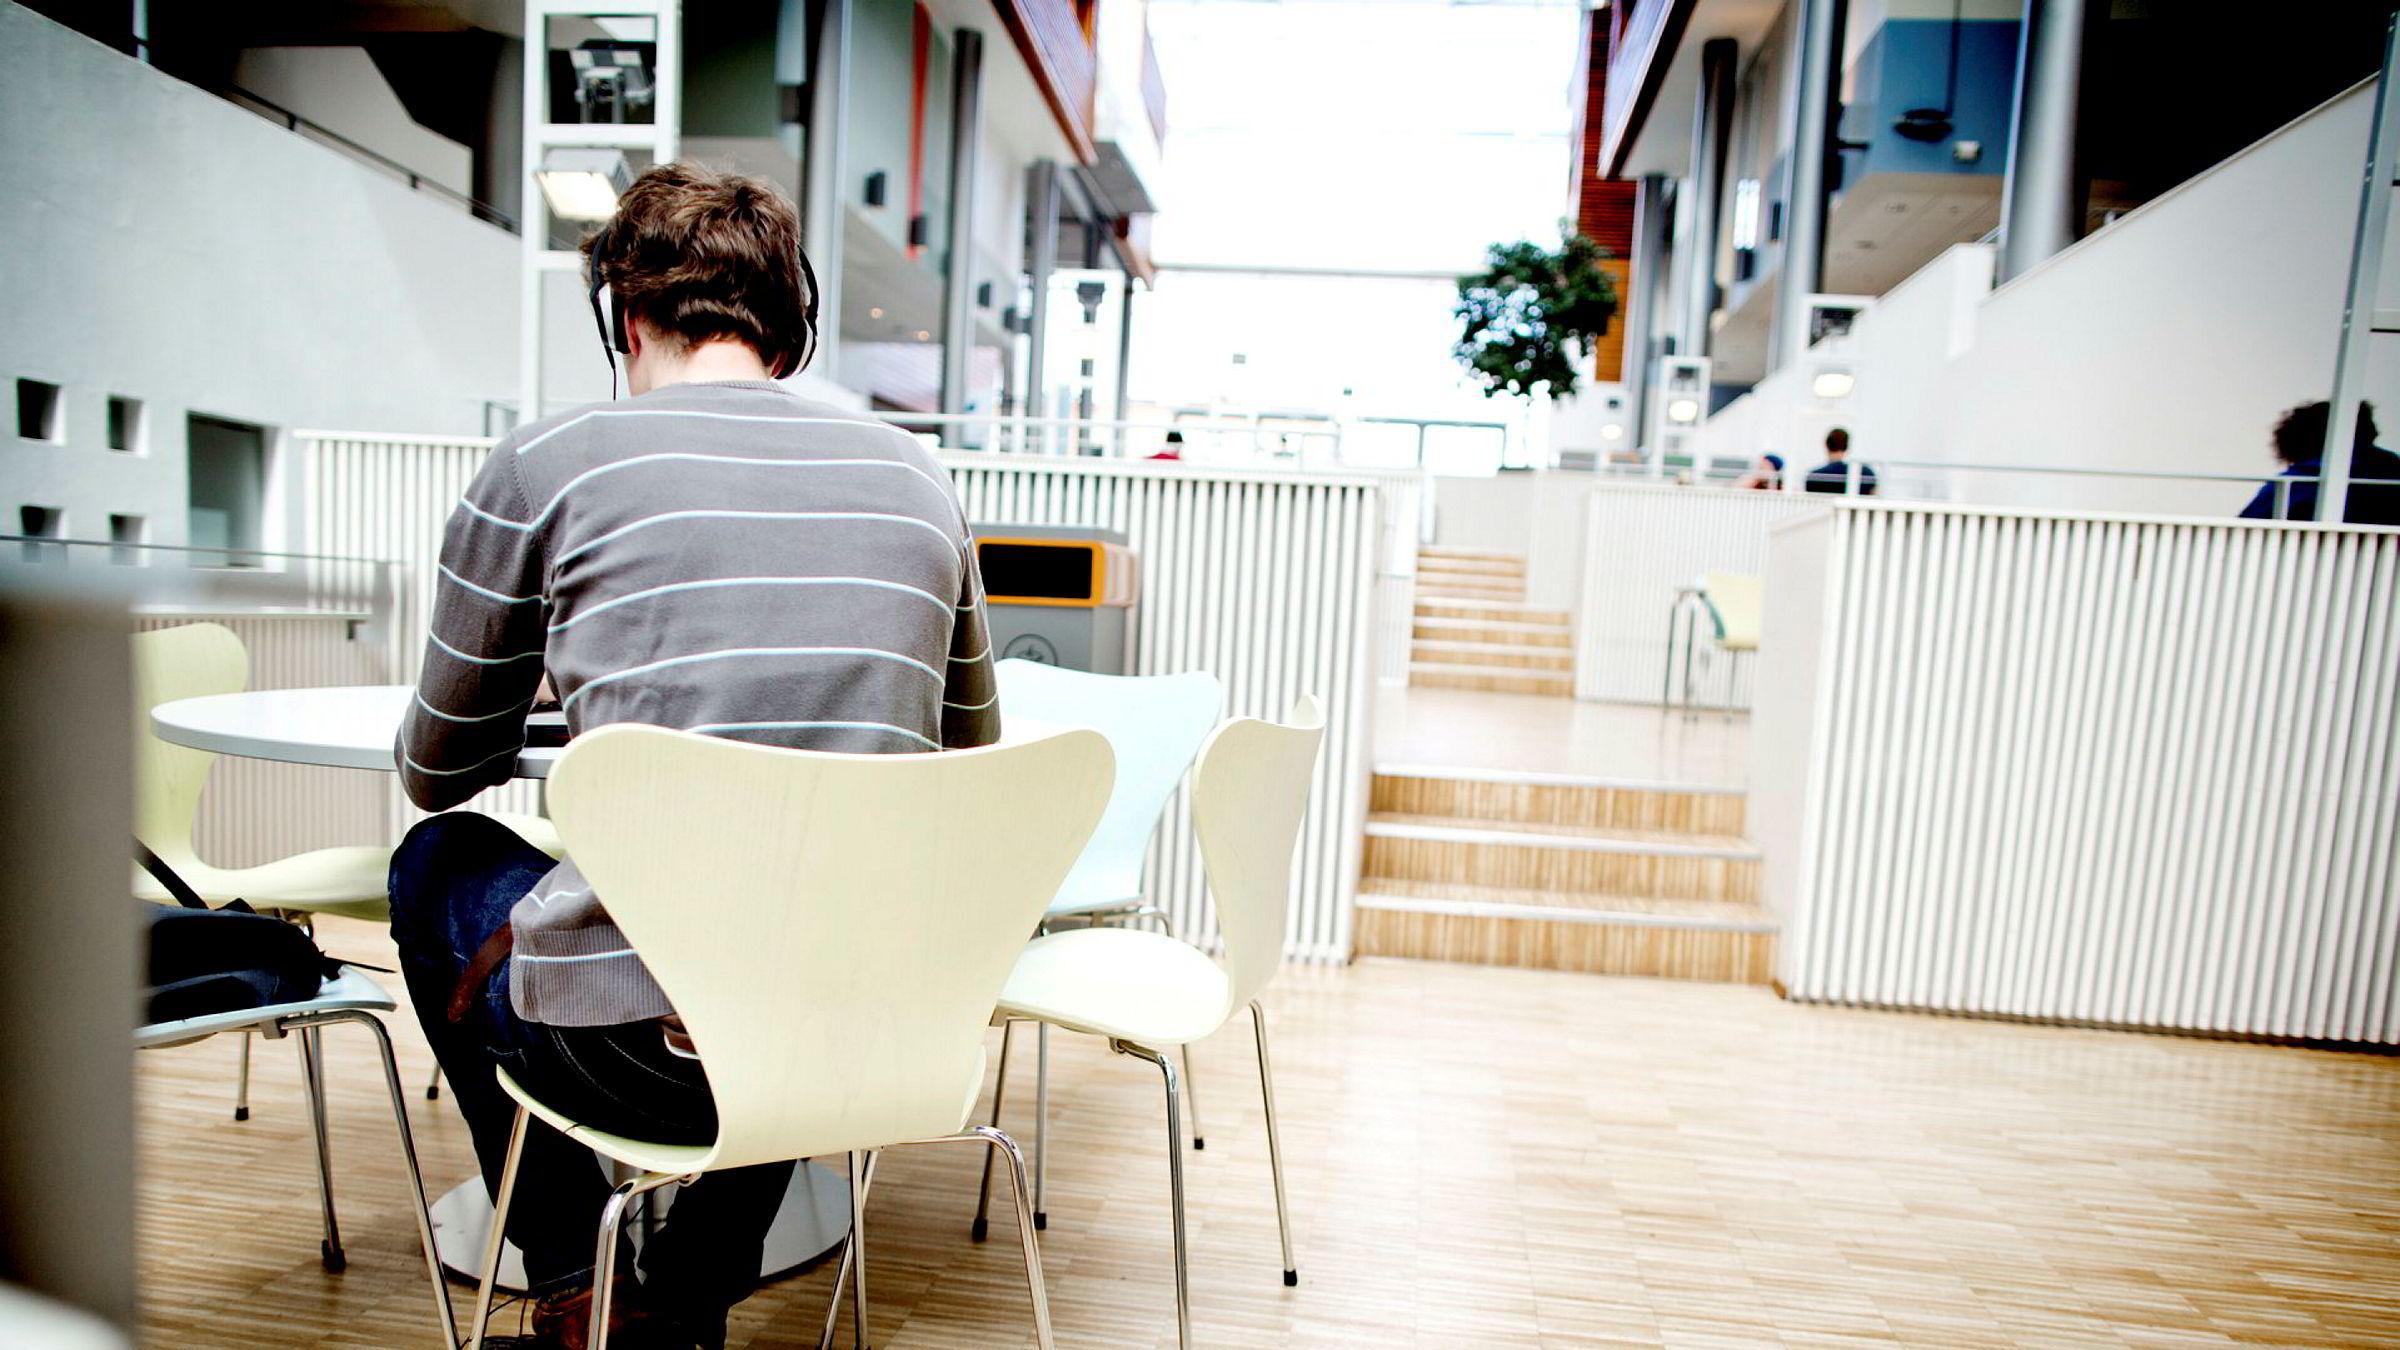 Det er i disse dager flere studenter som forbereder seg til årets siste eksamener.